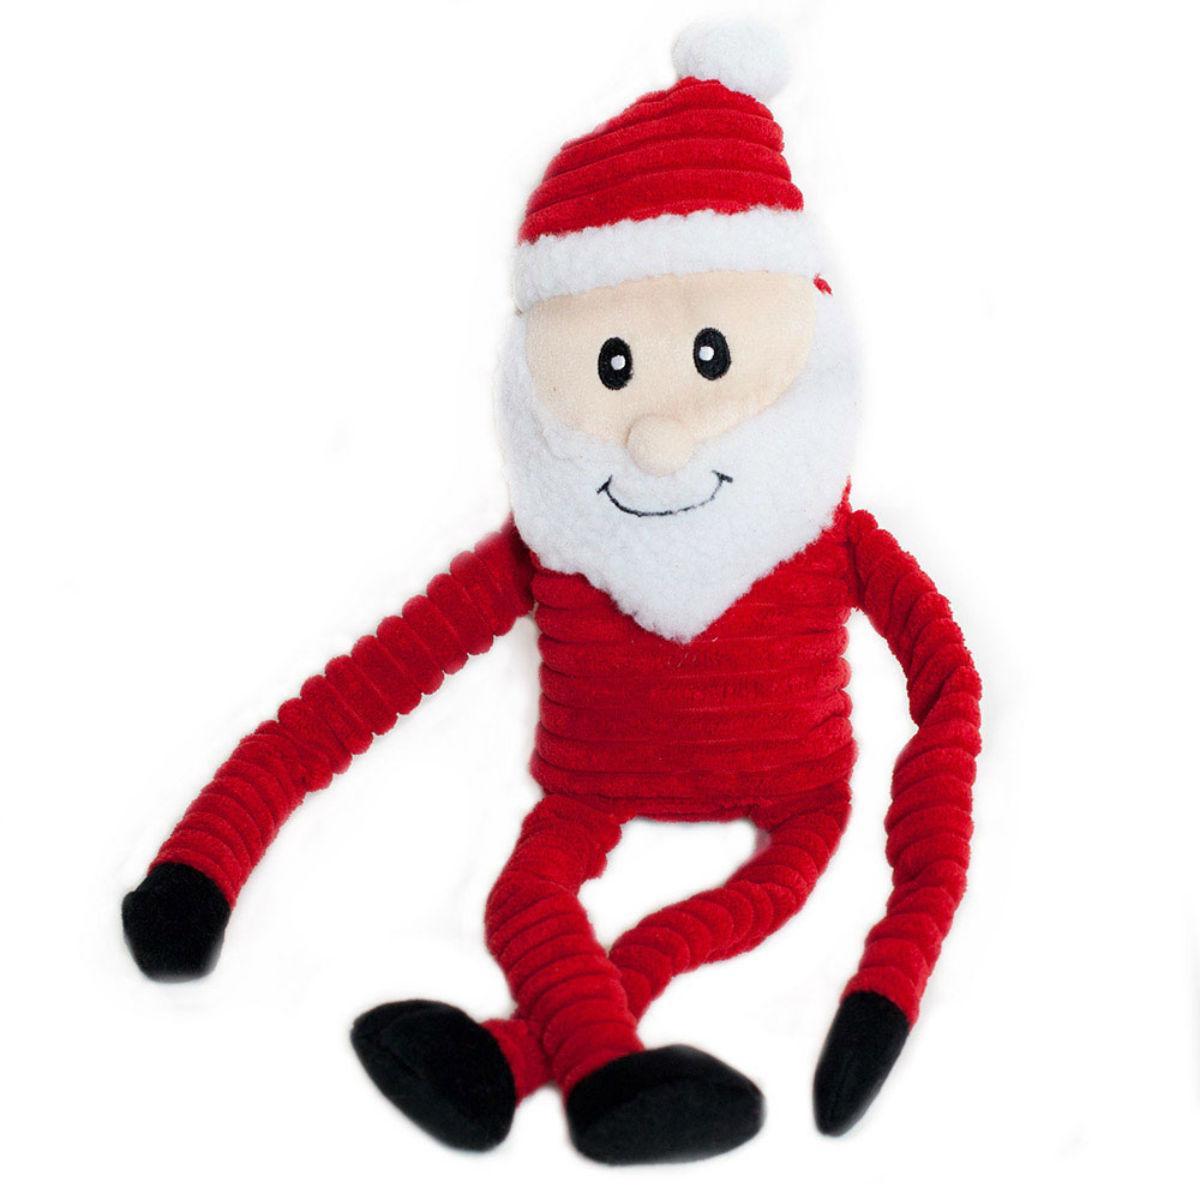 ZippyPaws Holiday Crinkle Dog Toy - Santa